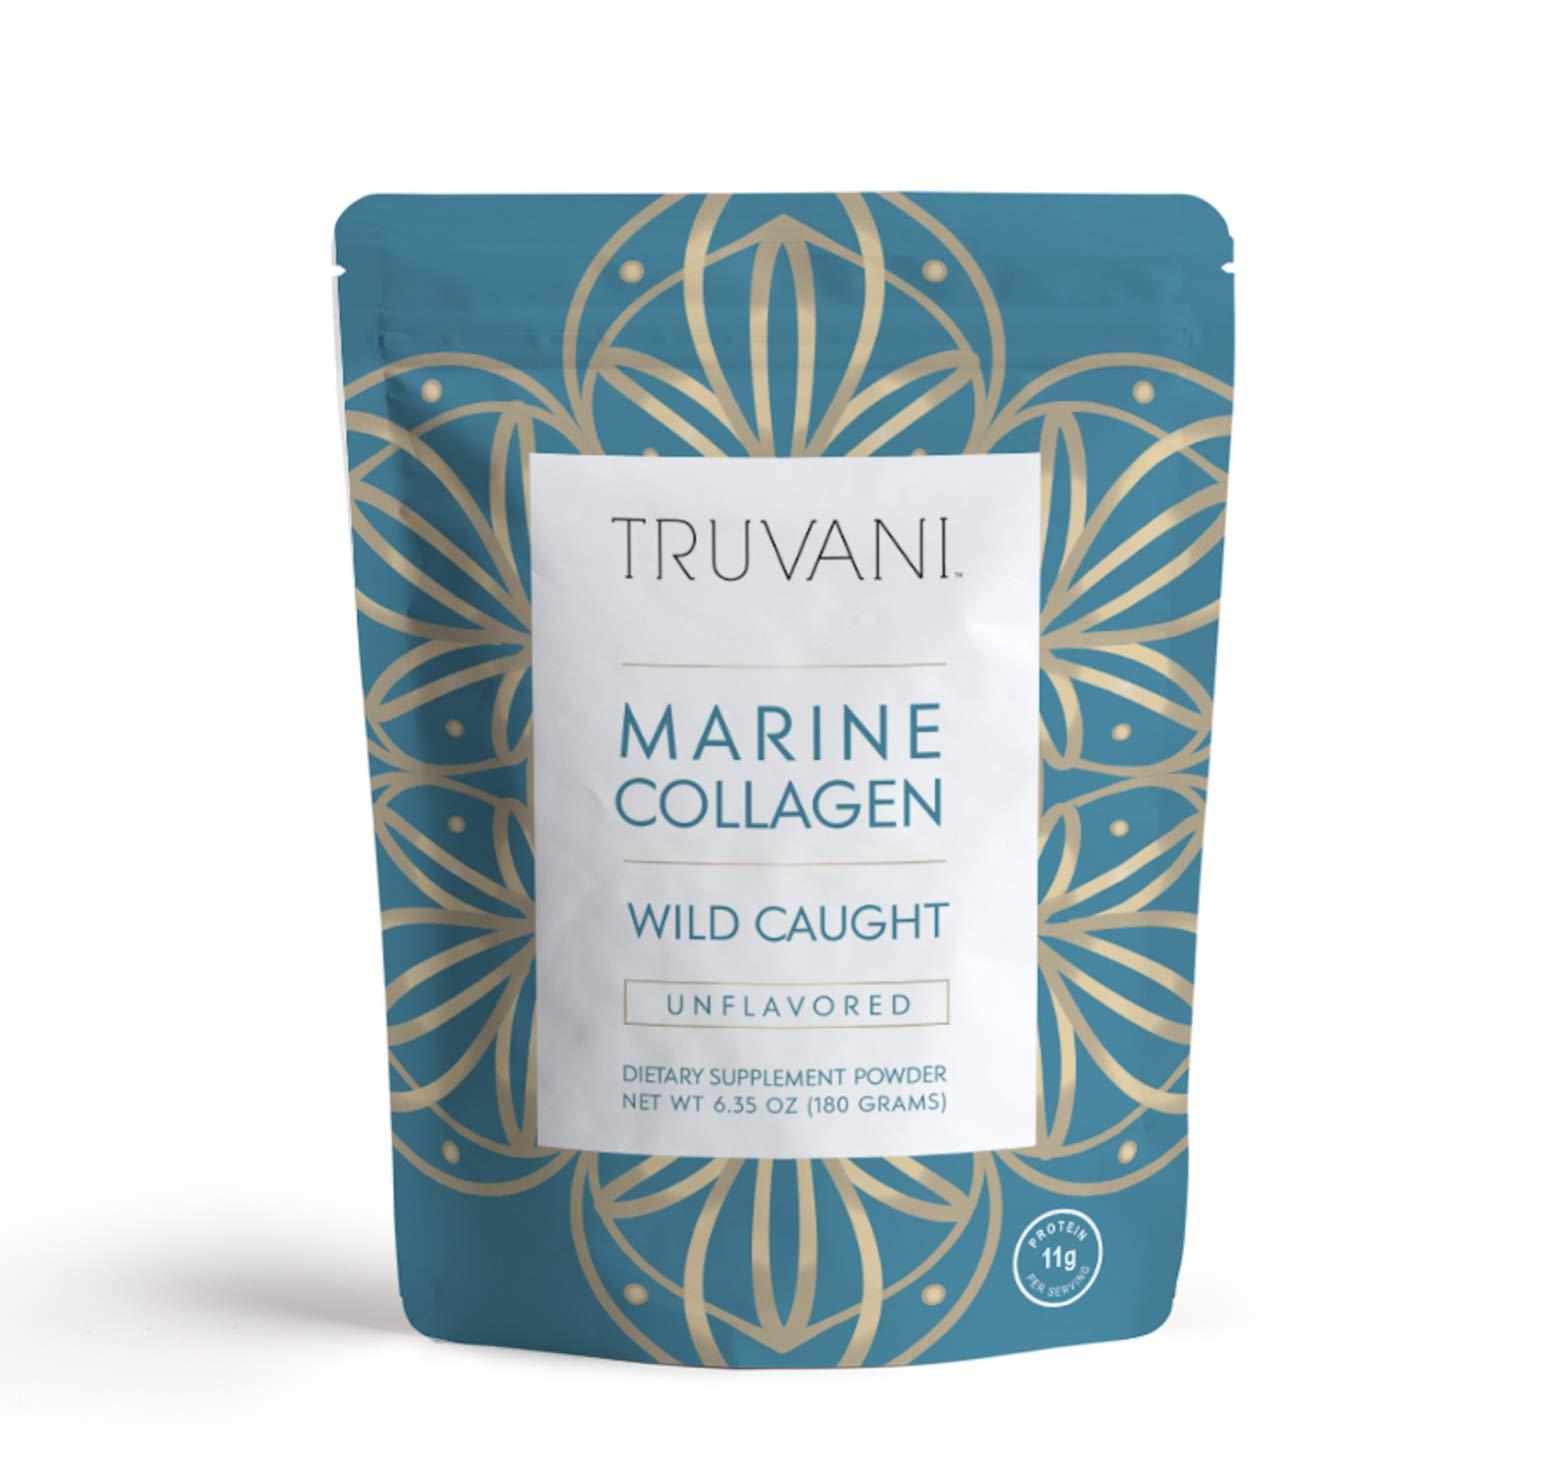 TRUVANI - Wild Caught Hydrolyzed Marine Collagen Protein Powder - Collagen Protein Supplement with Type 1,2 & 3   Anti-Aging, Non-GMO, Mercury Free, Gluten Free Fish Collagen   6.35 OZ  